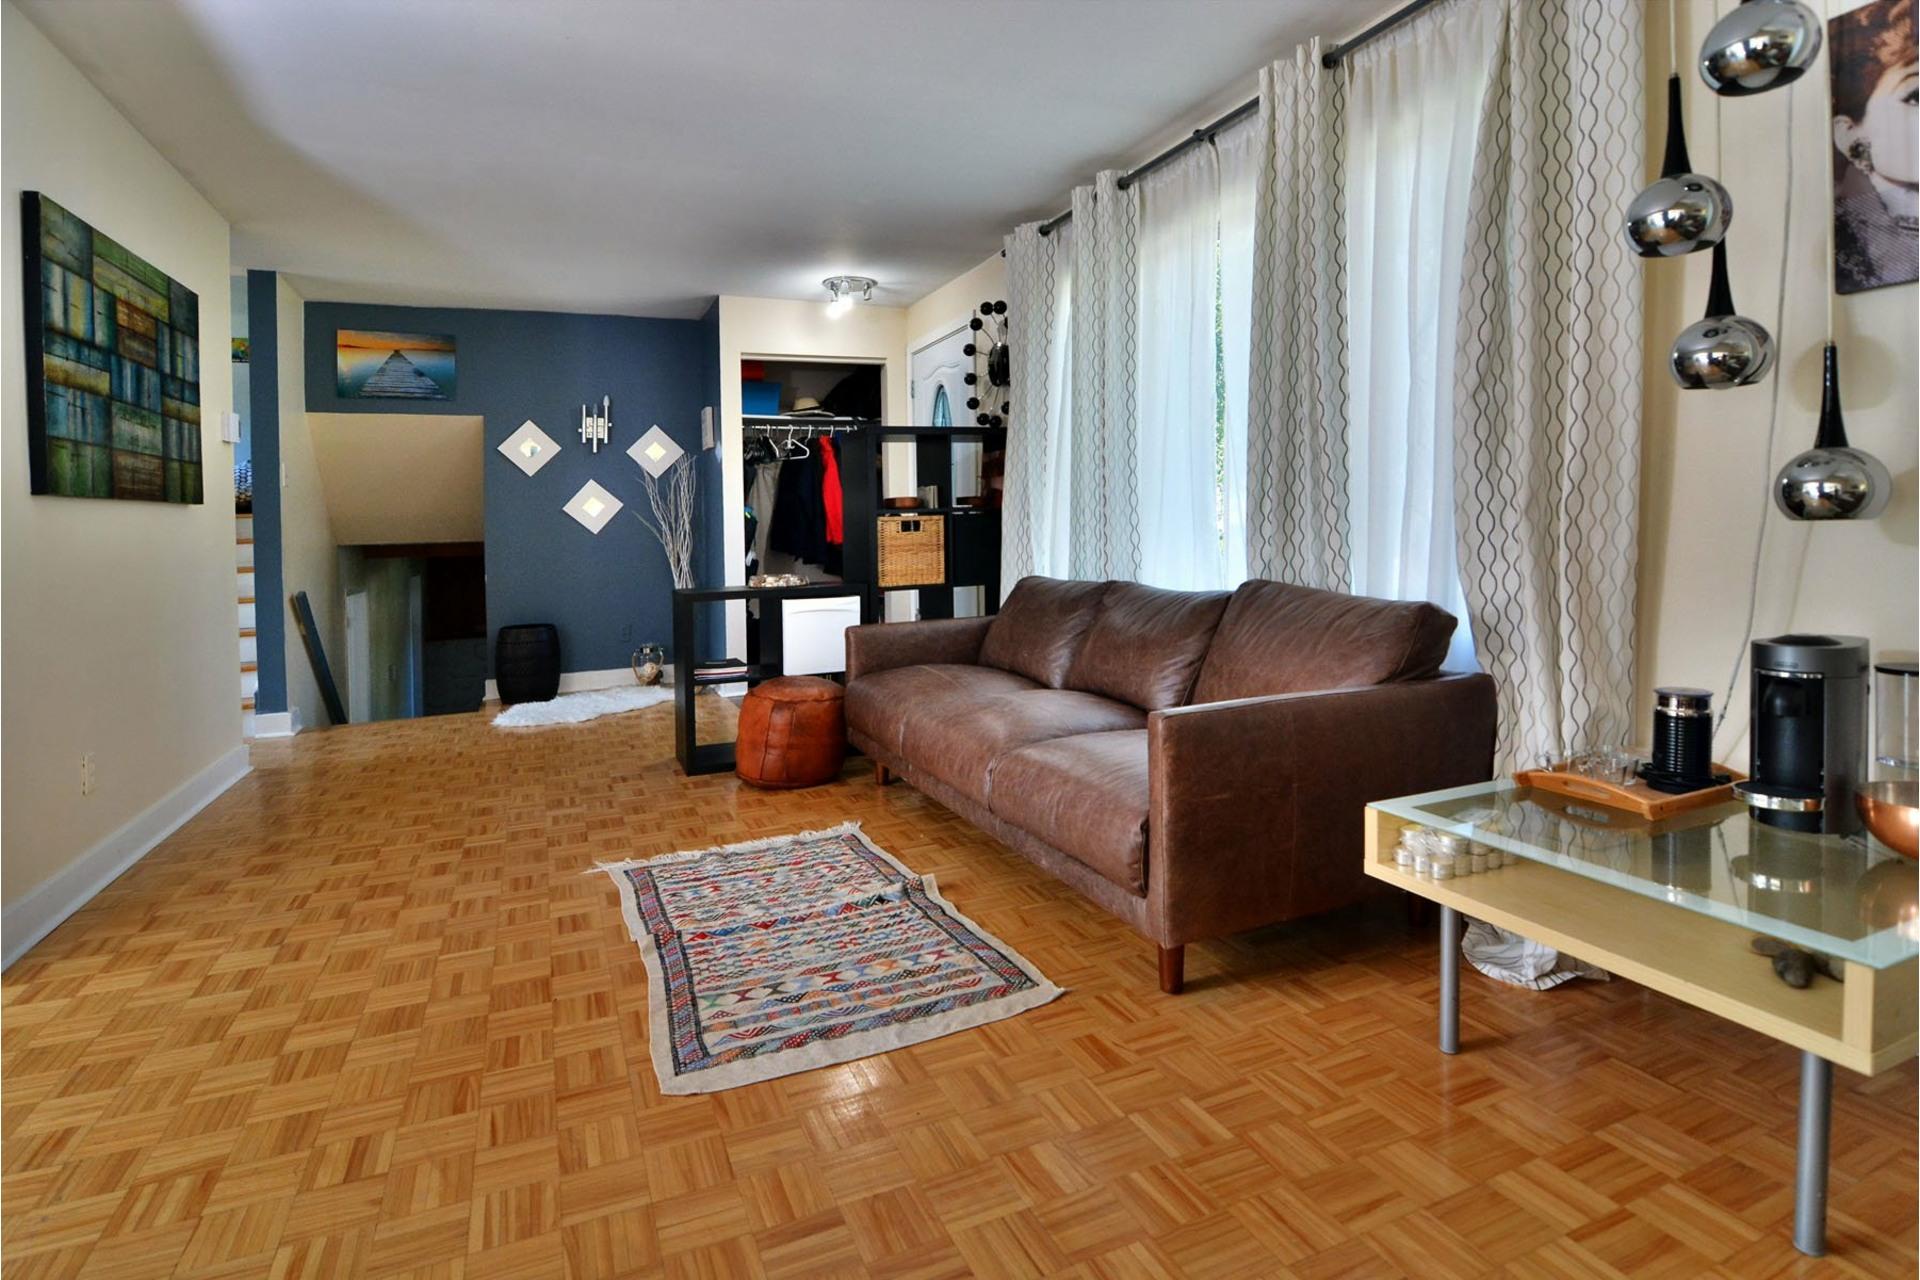 image 5 - Maison À vendre Repentigny Repentigny  - 11 pièces